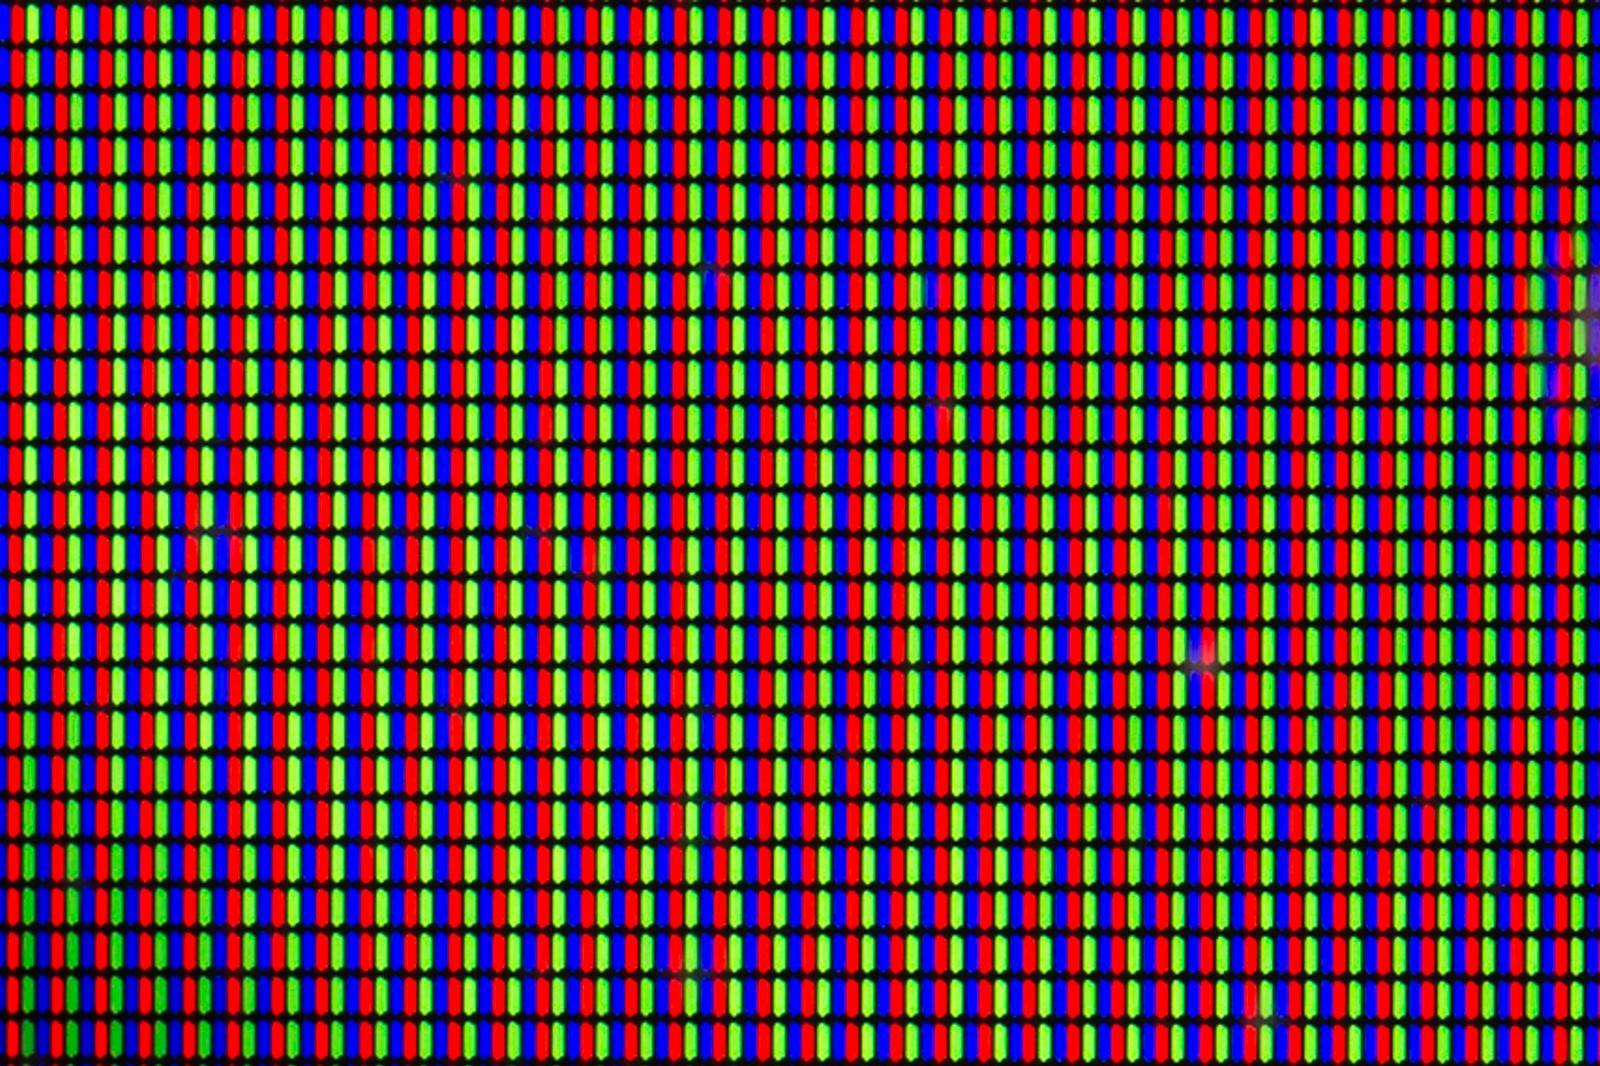 RGB Pixel Field One.